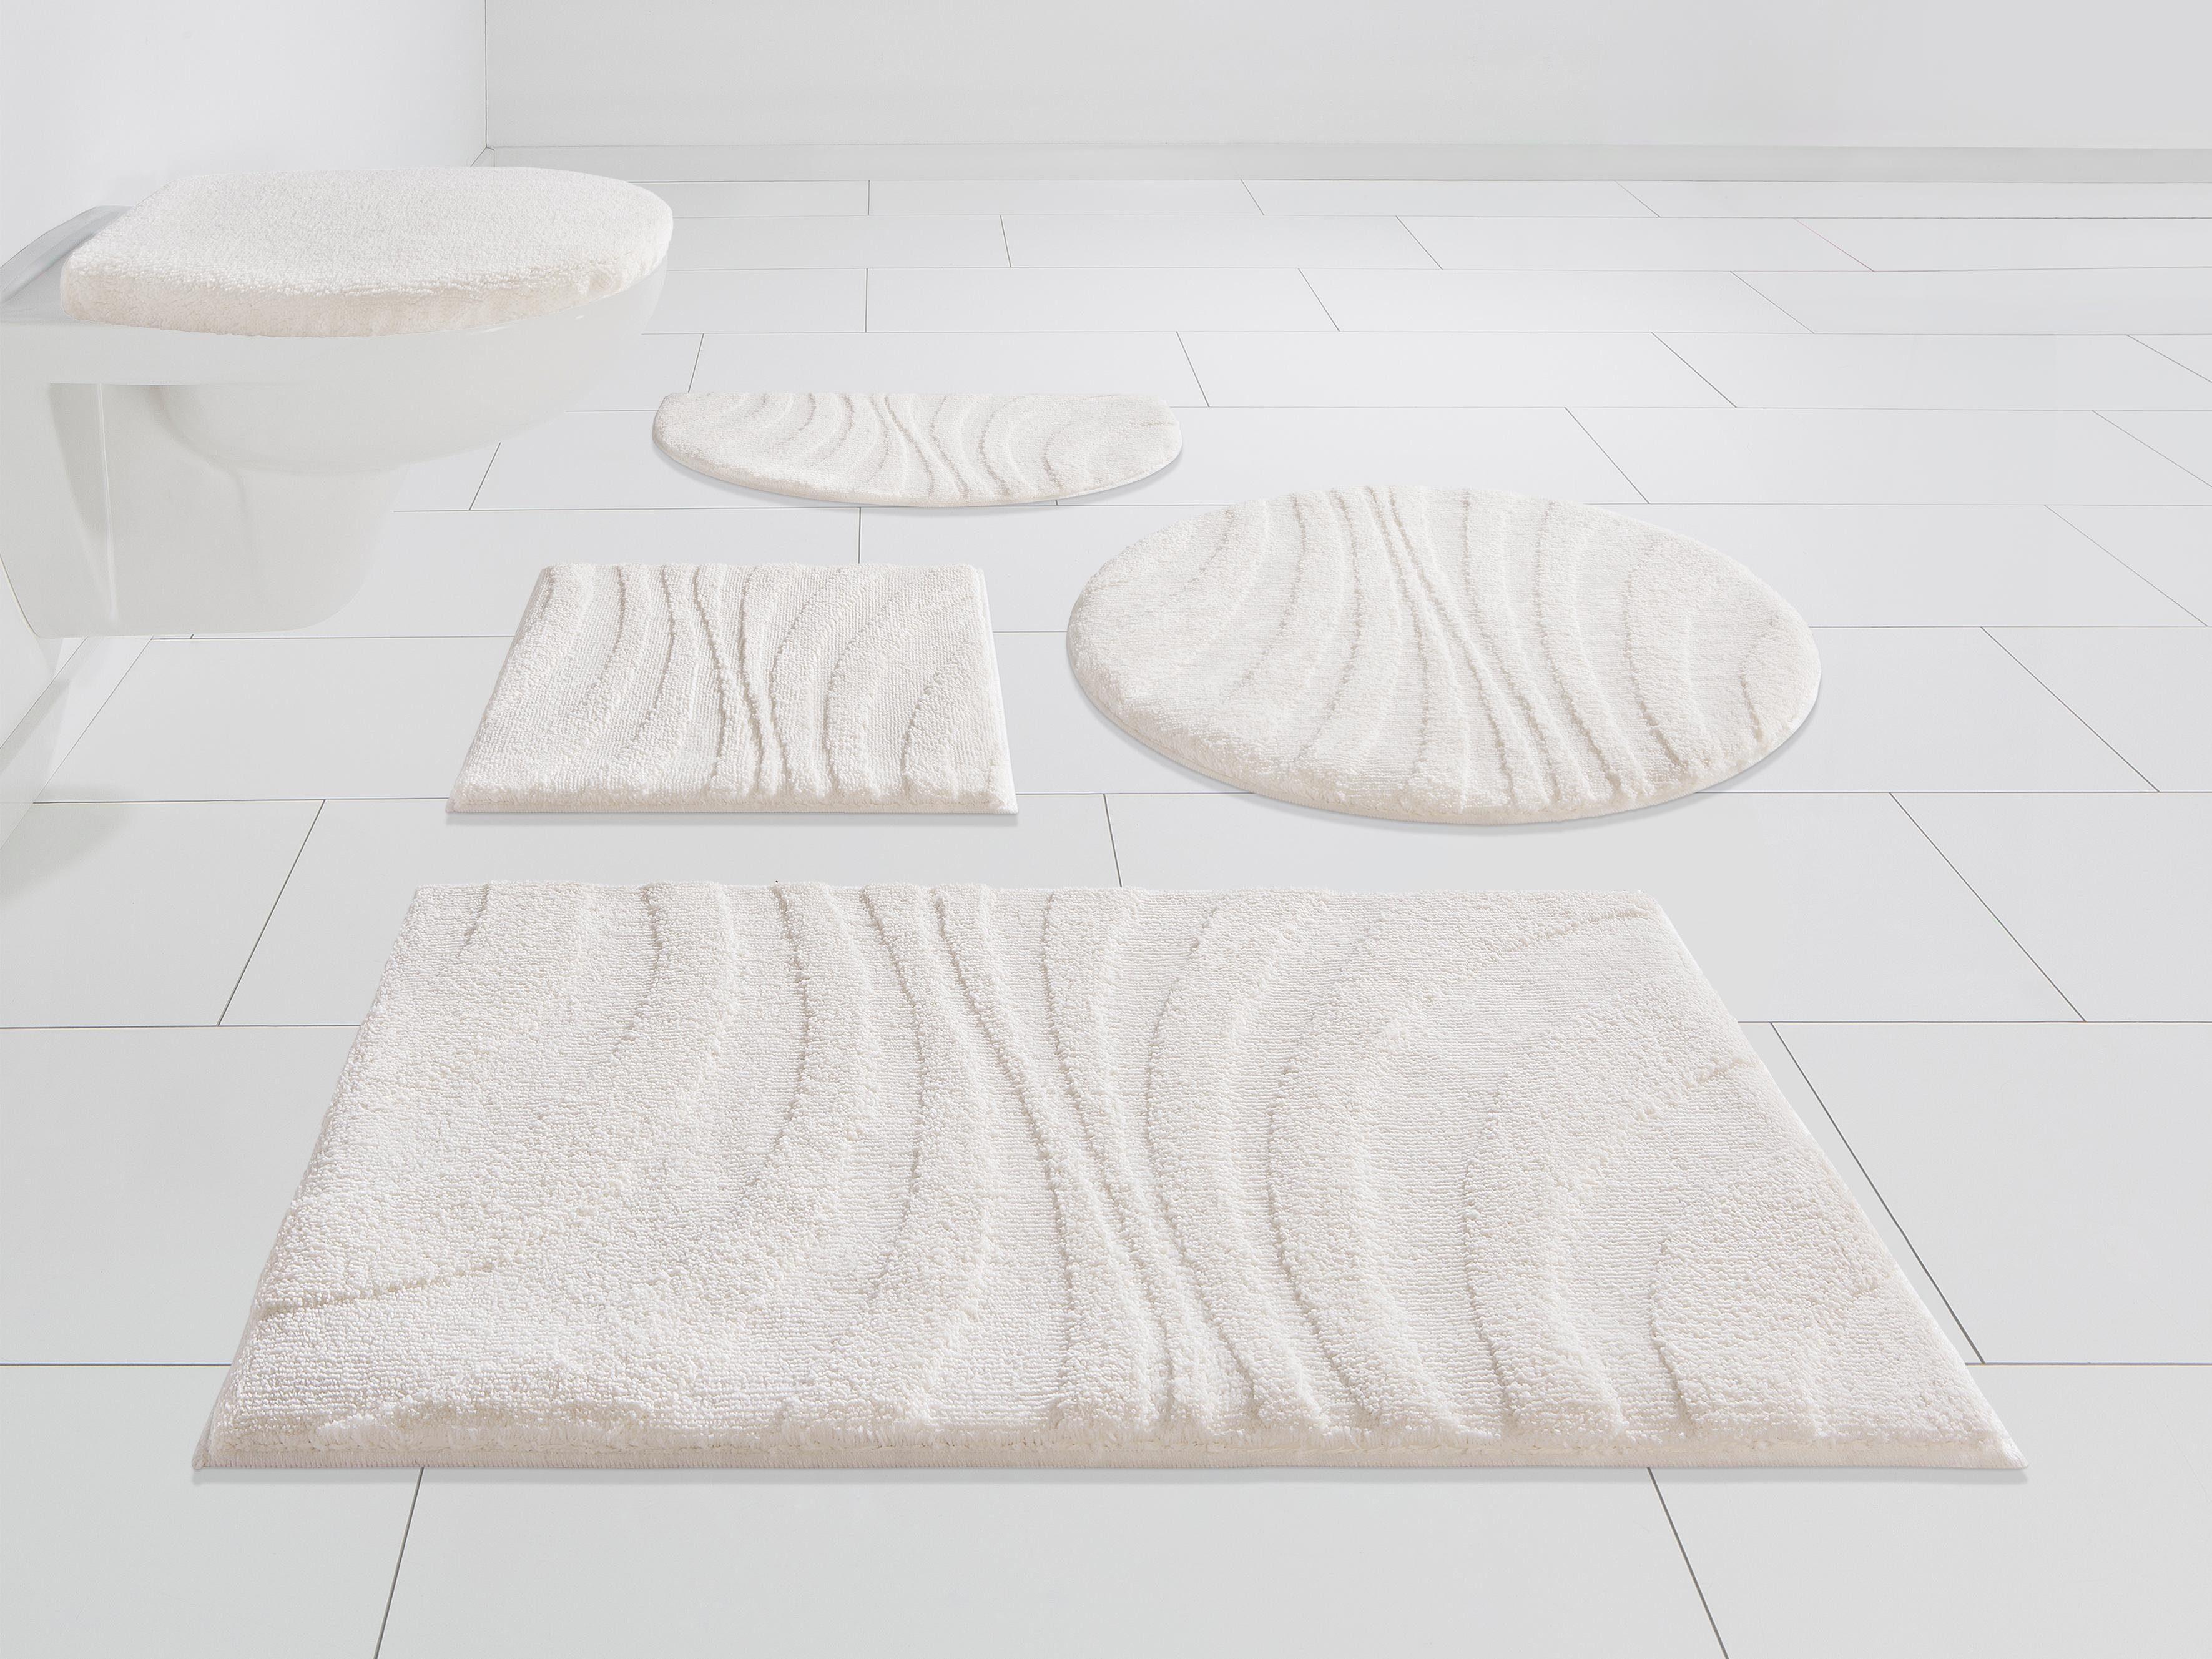 Toiletmat Hangend Toilet : Badmat delige set voor hangend toilet gobi« hoogte mm